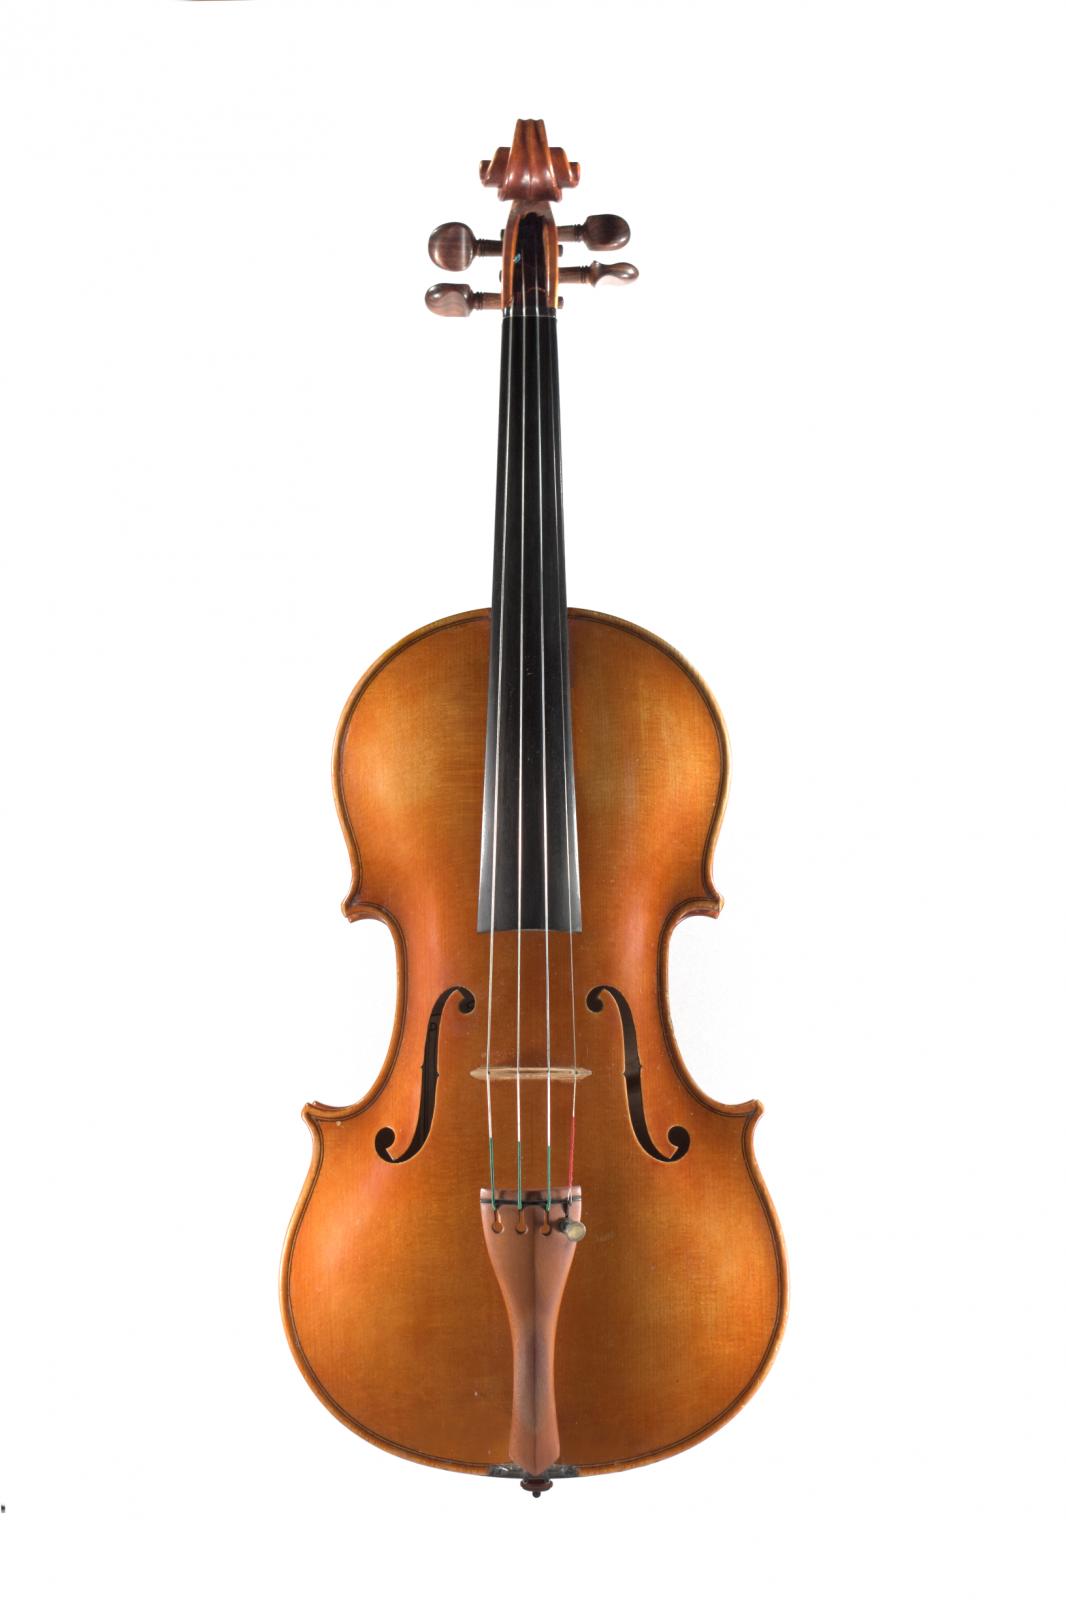 Fine Handmade Violin by Petrus Gaggini